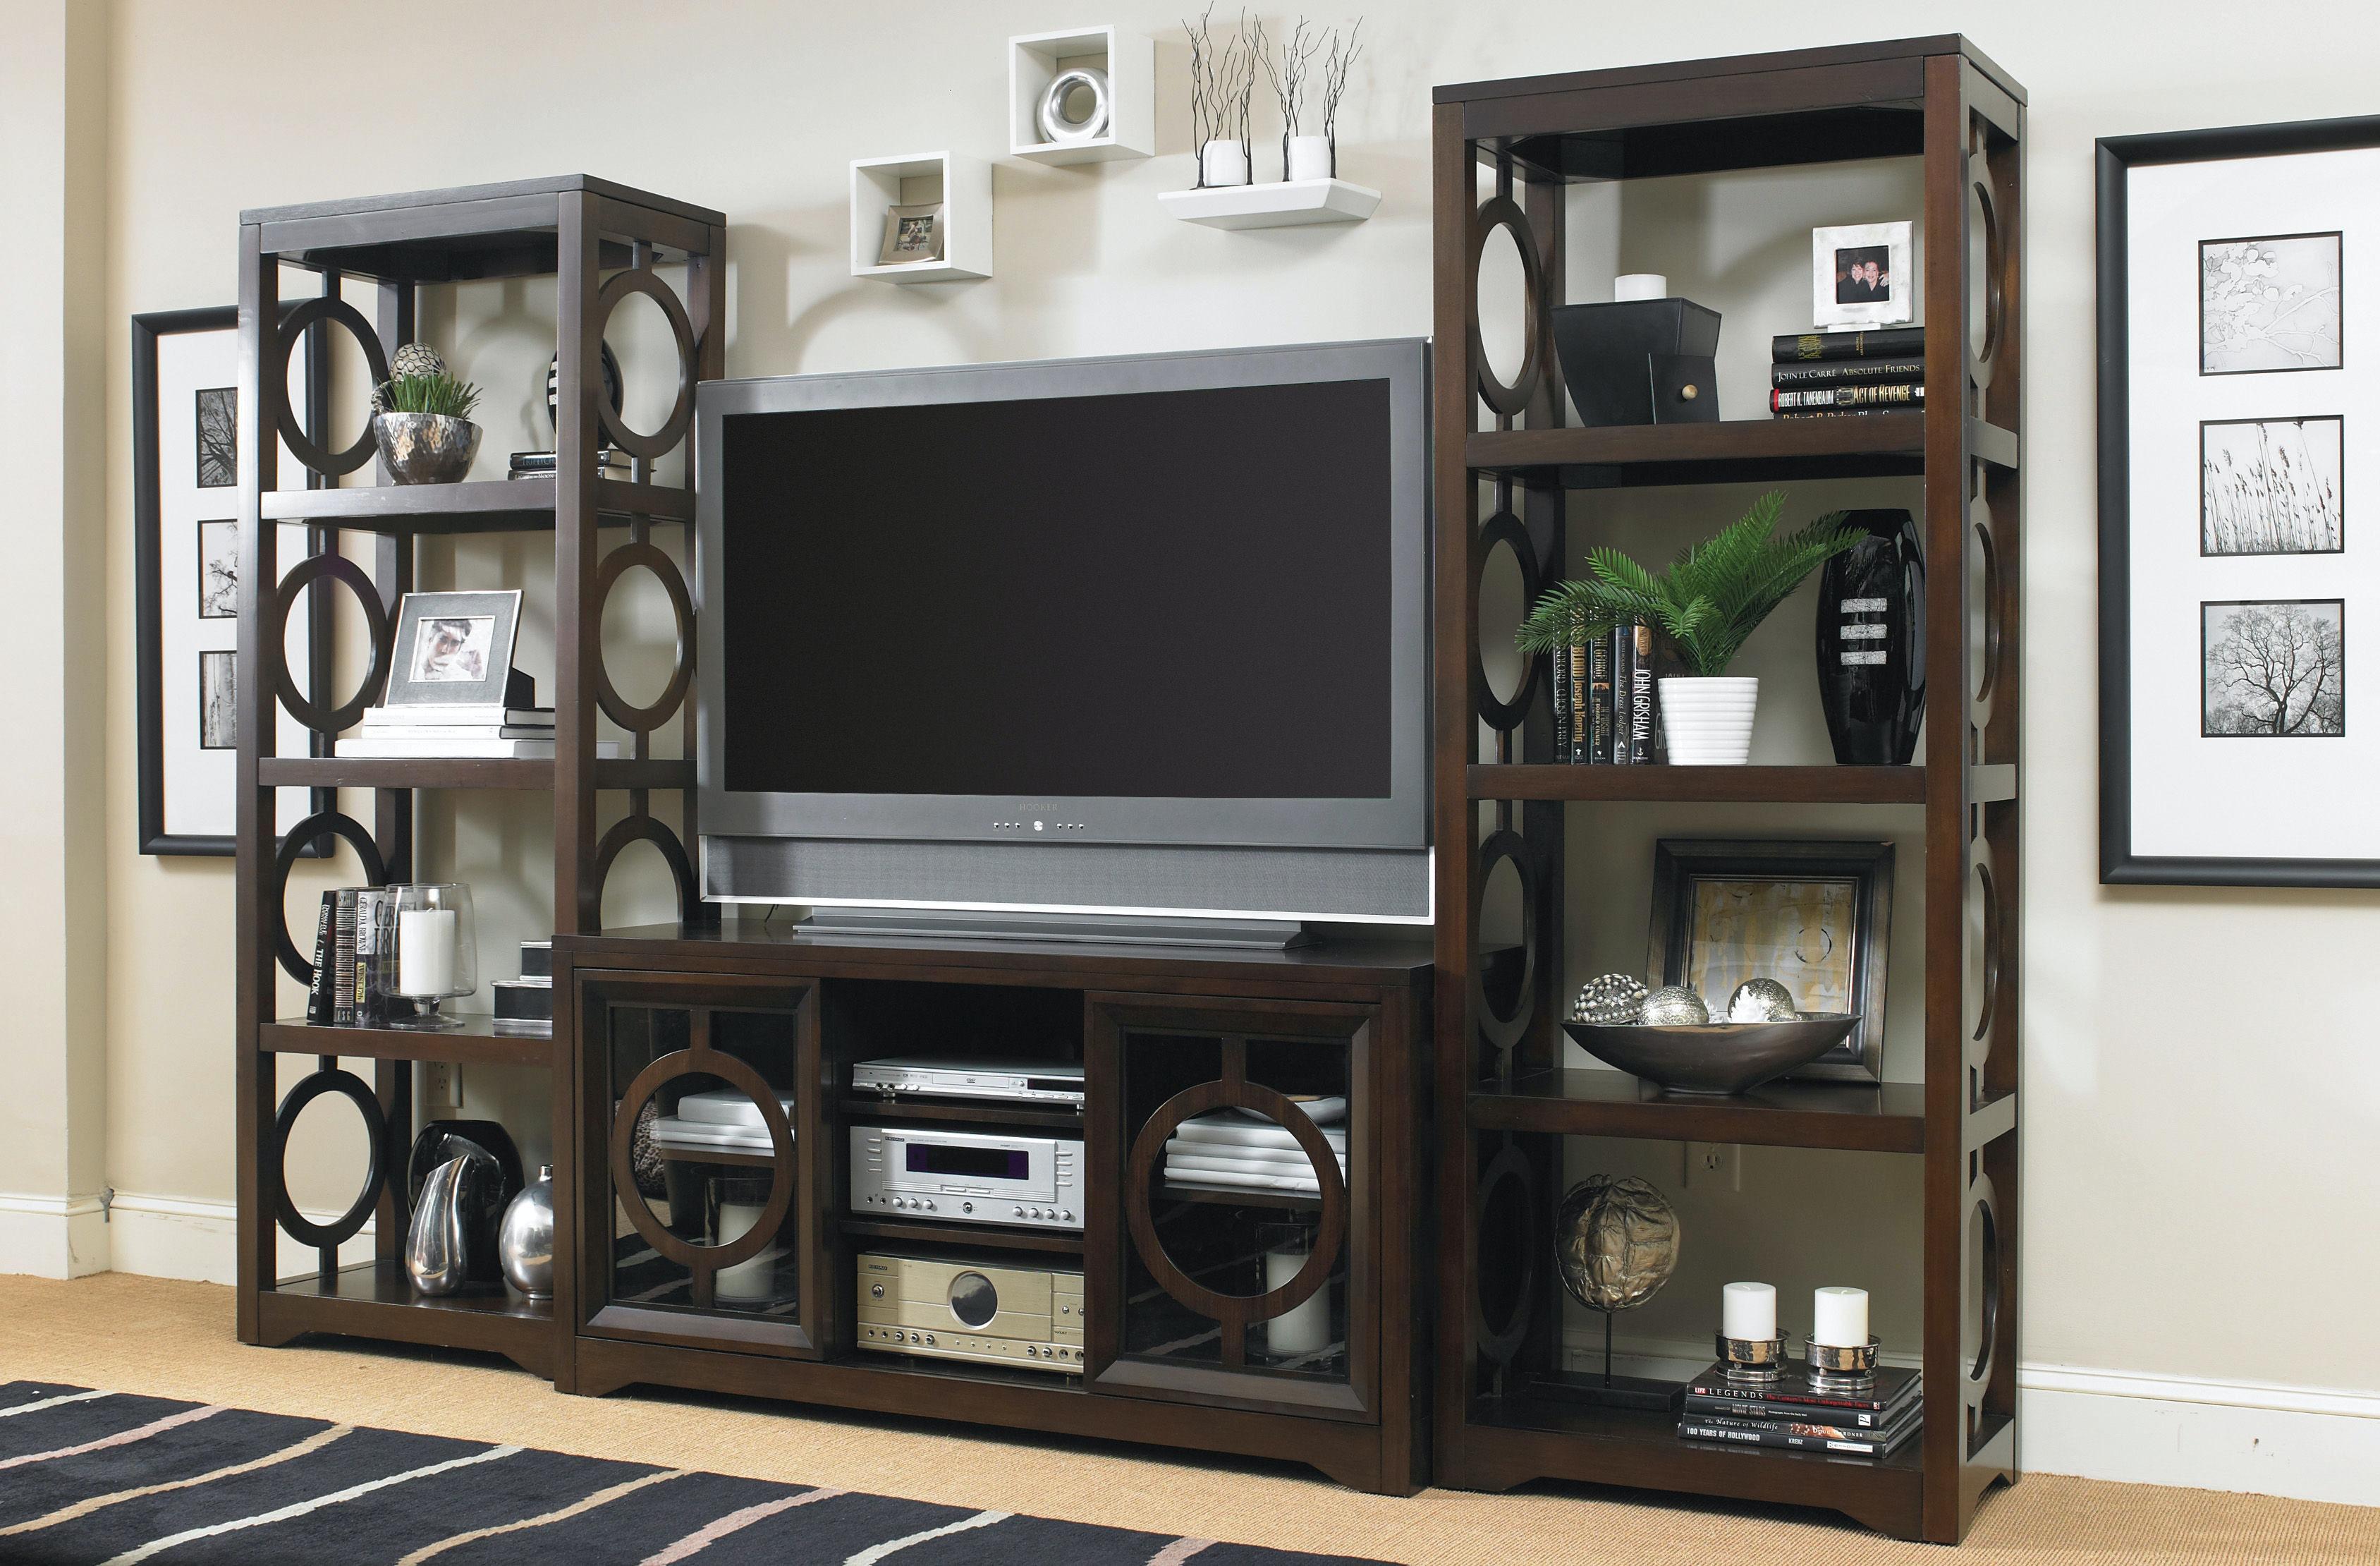 hooker furniture home office kinsey etagere 5066 10443. Black Bedroom Furniture Sets. Home Design Ideas